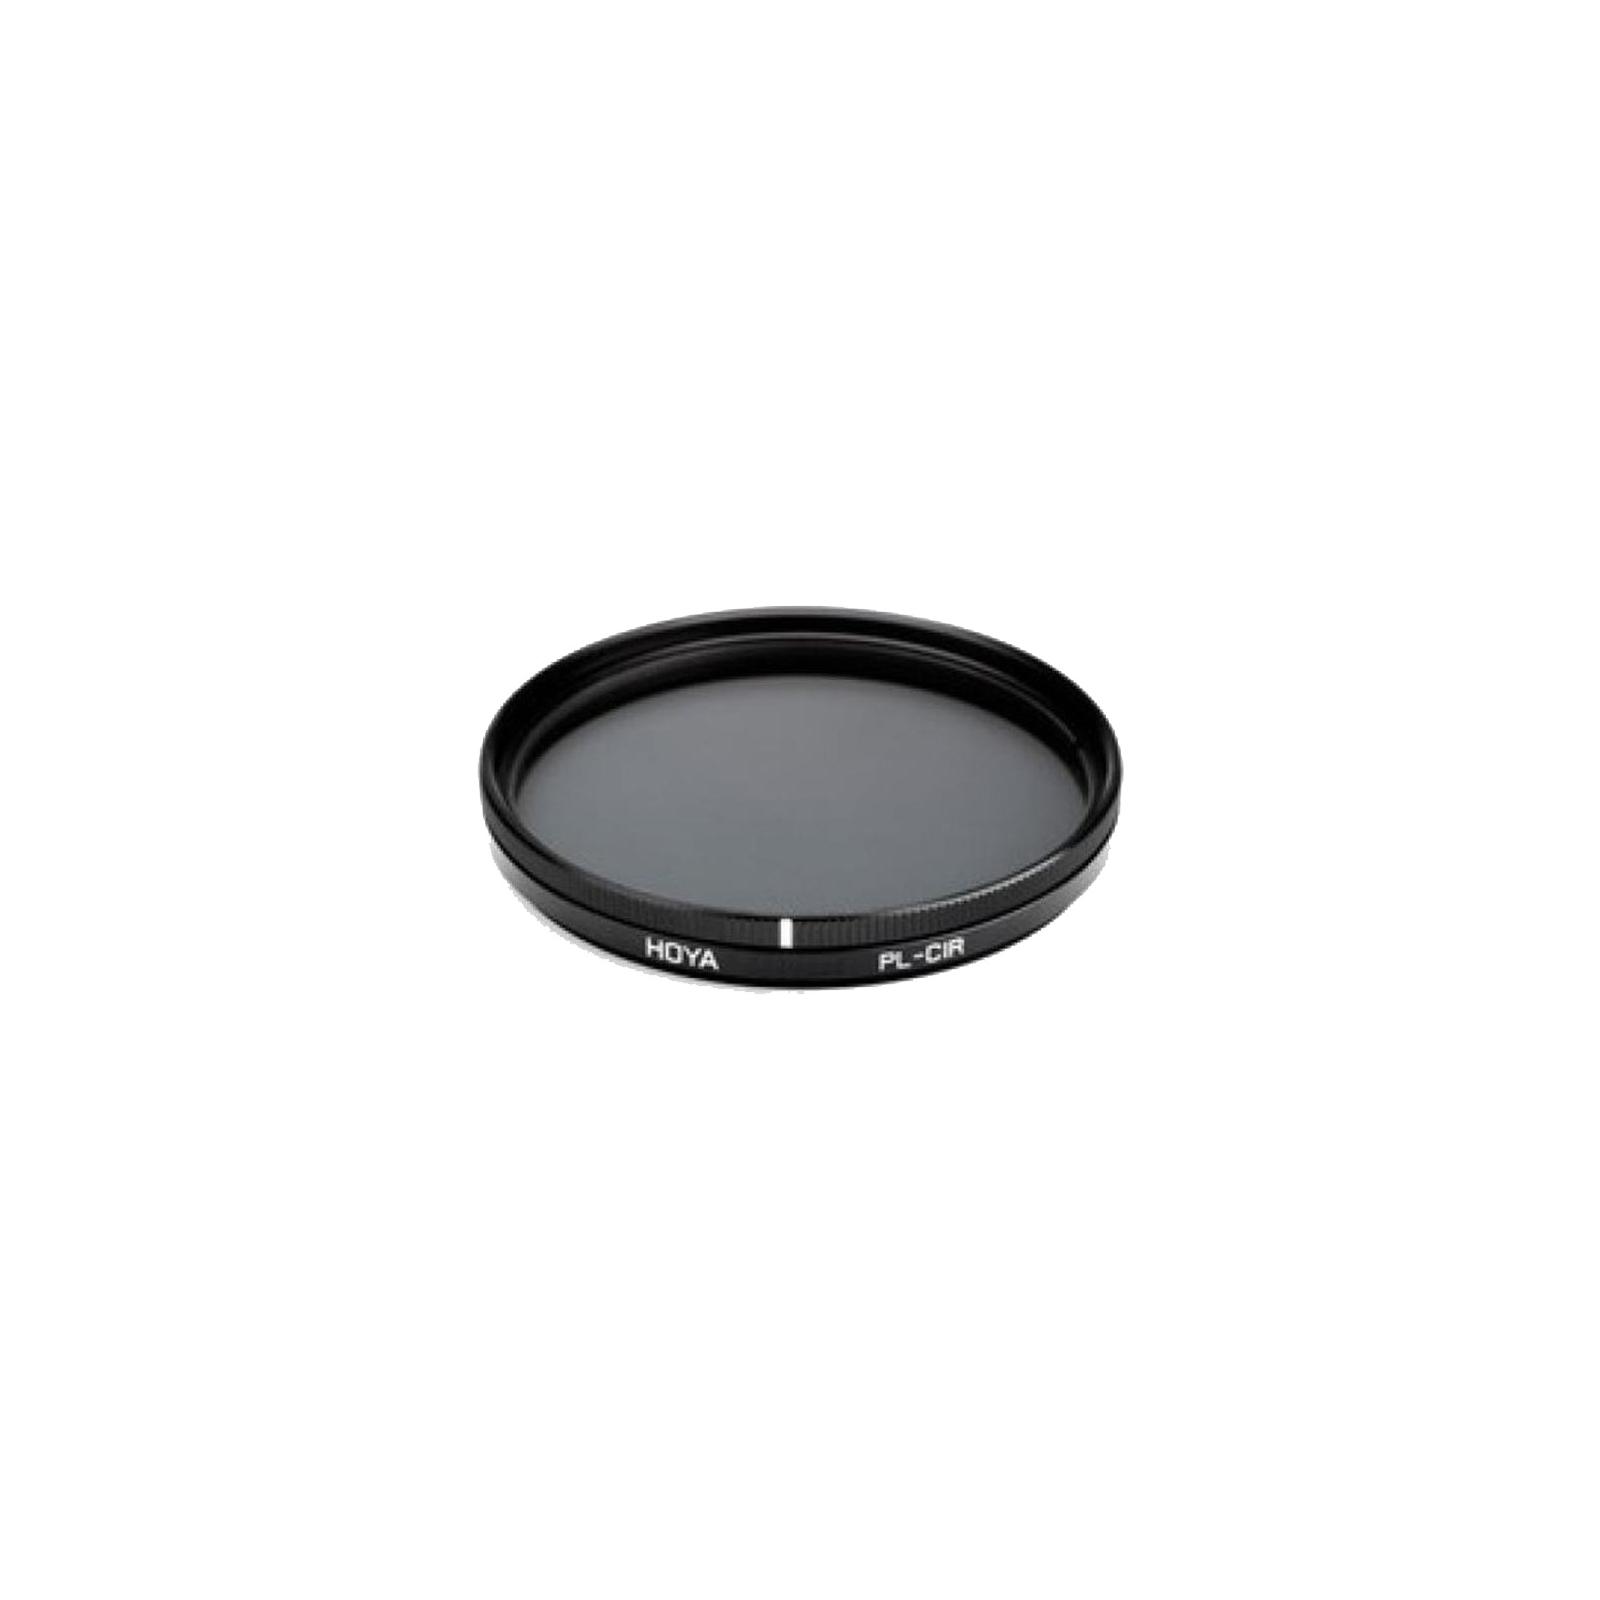 Светофильтр Hoya TEK Pol-Circ. 62mm (0024066620194)